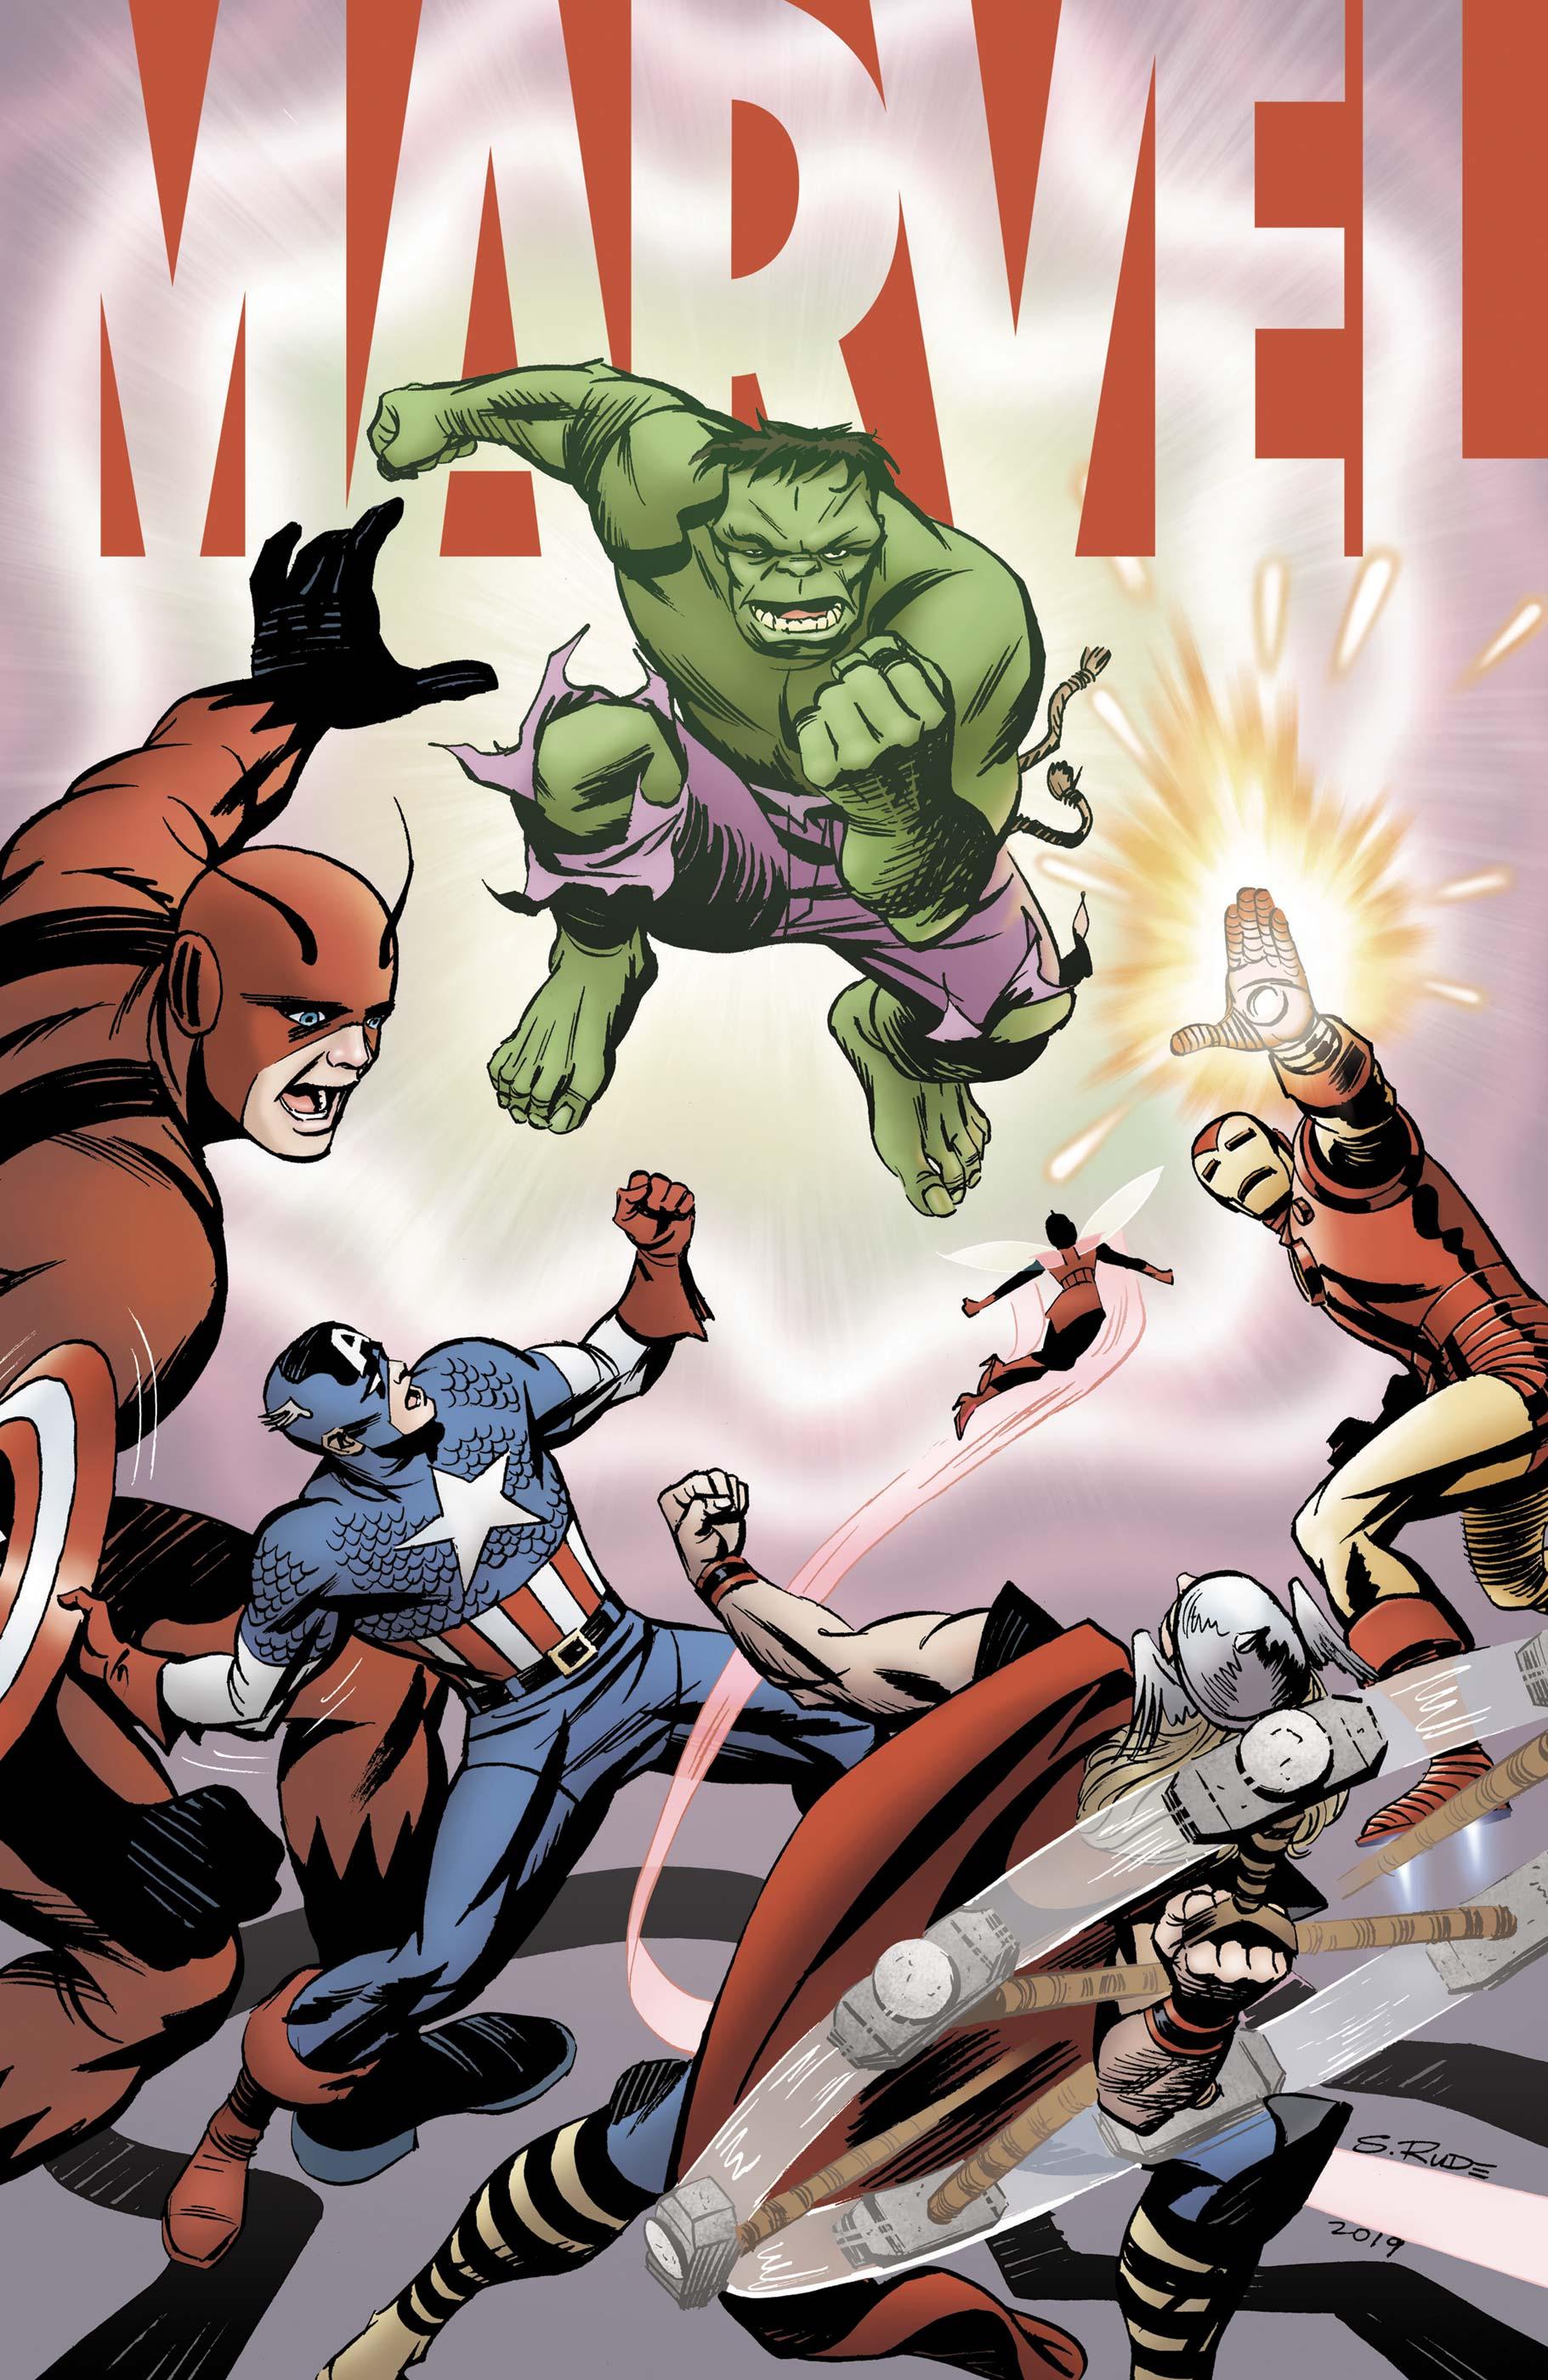 Marvel (2020) #1 (Variant)